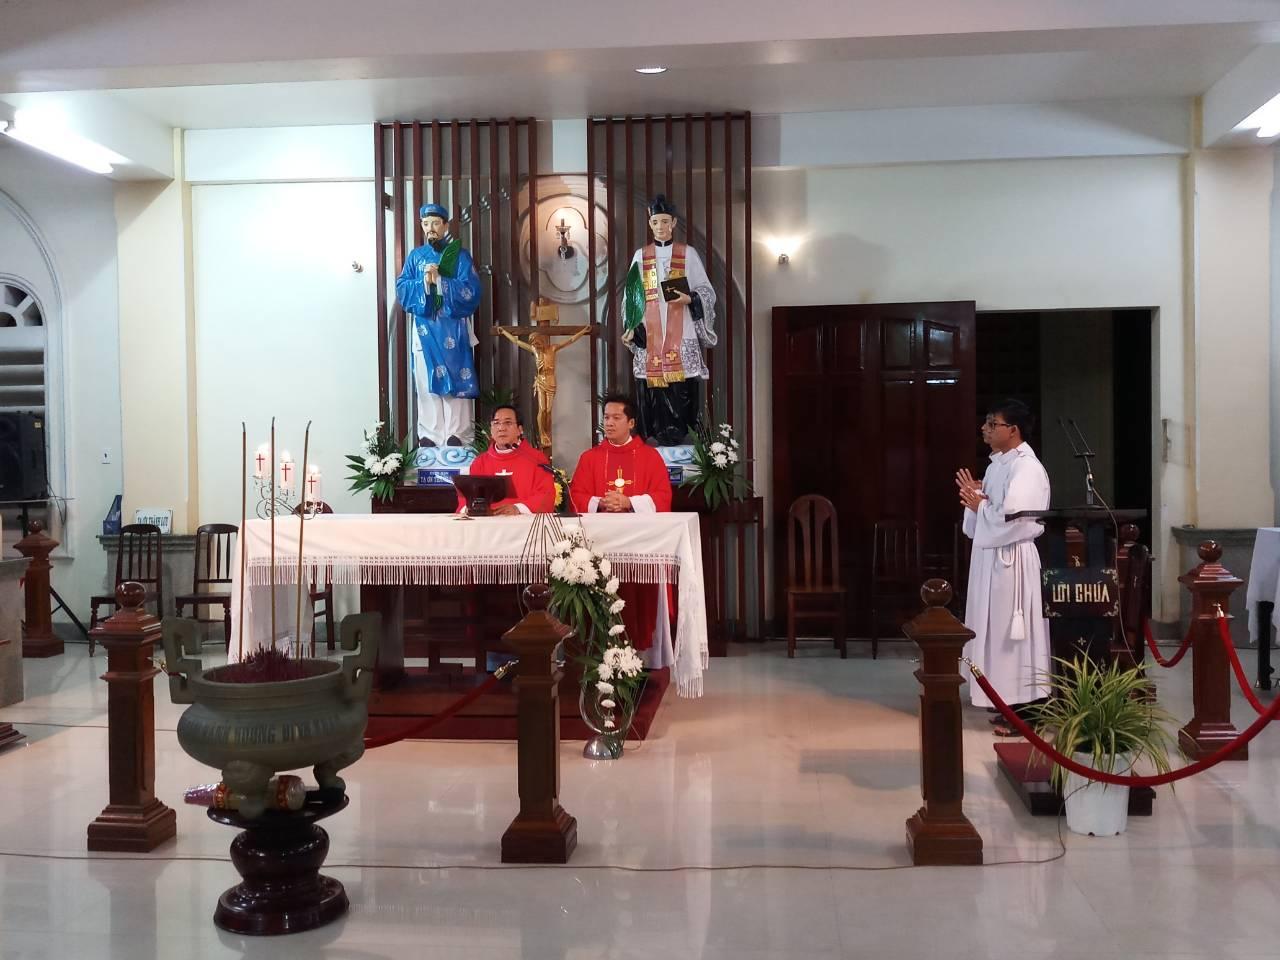 TTHH Đình Khao : Thánh Lễ mừng kính các Thánh Tử Đạo Triều Tiên